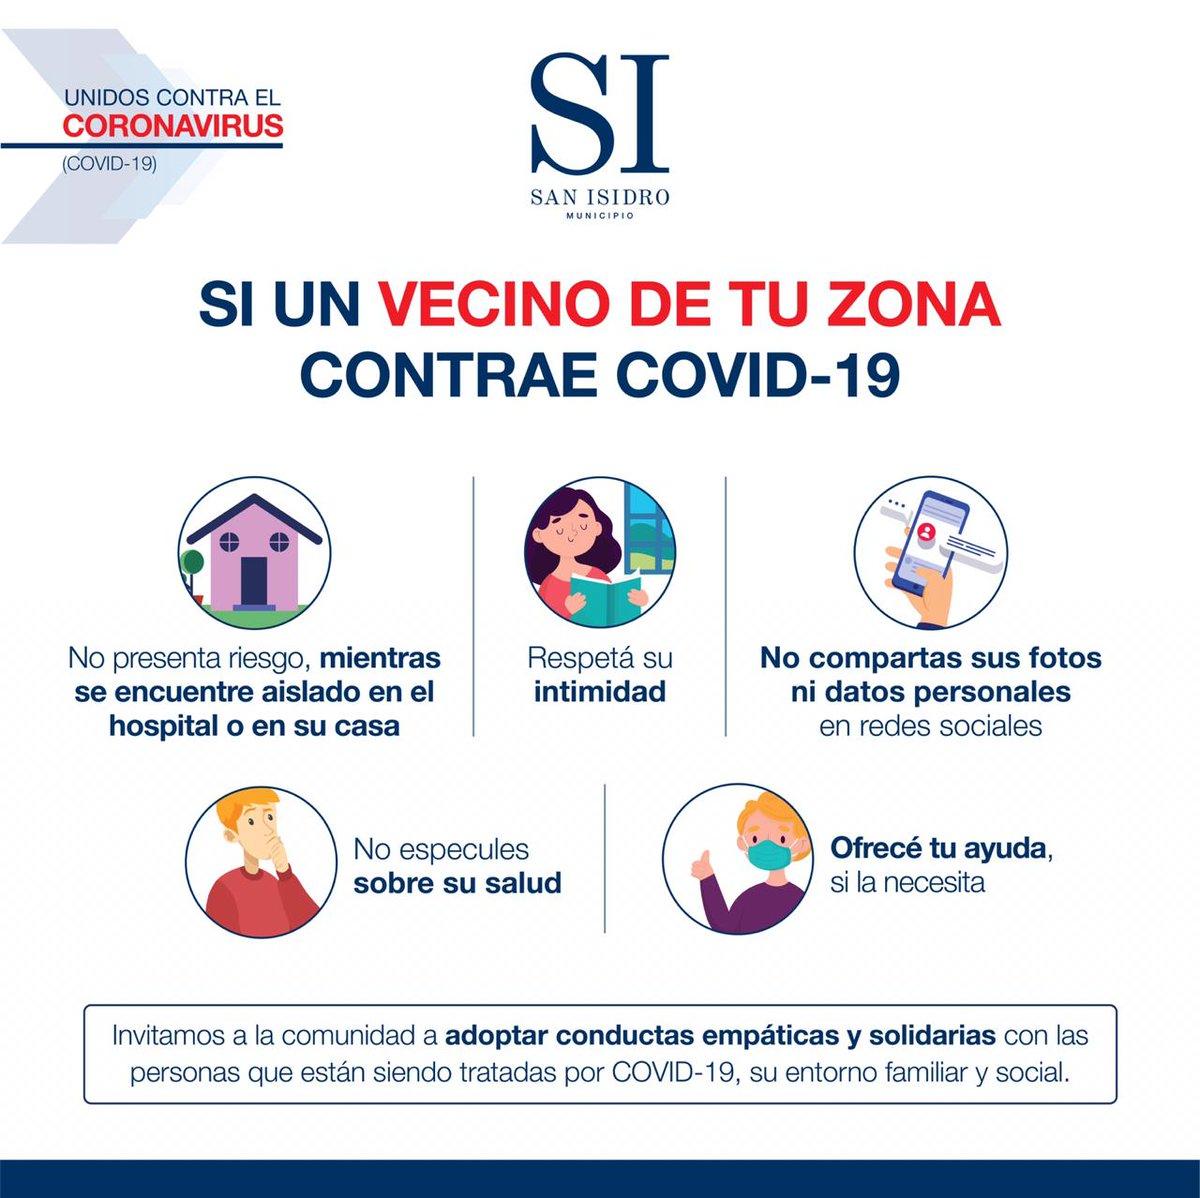 La pandemia del coronavirus está afectando al mundo entero, no discrimina. Seamos solidarios y ayudémonos entre todos. https://t.co/0F6eNc1Z44